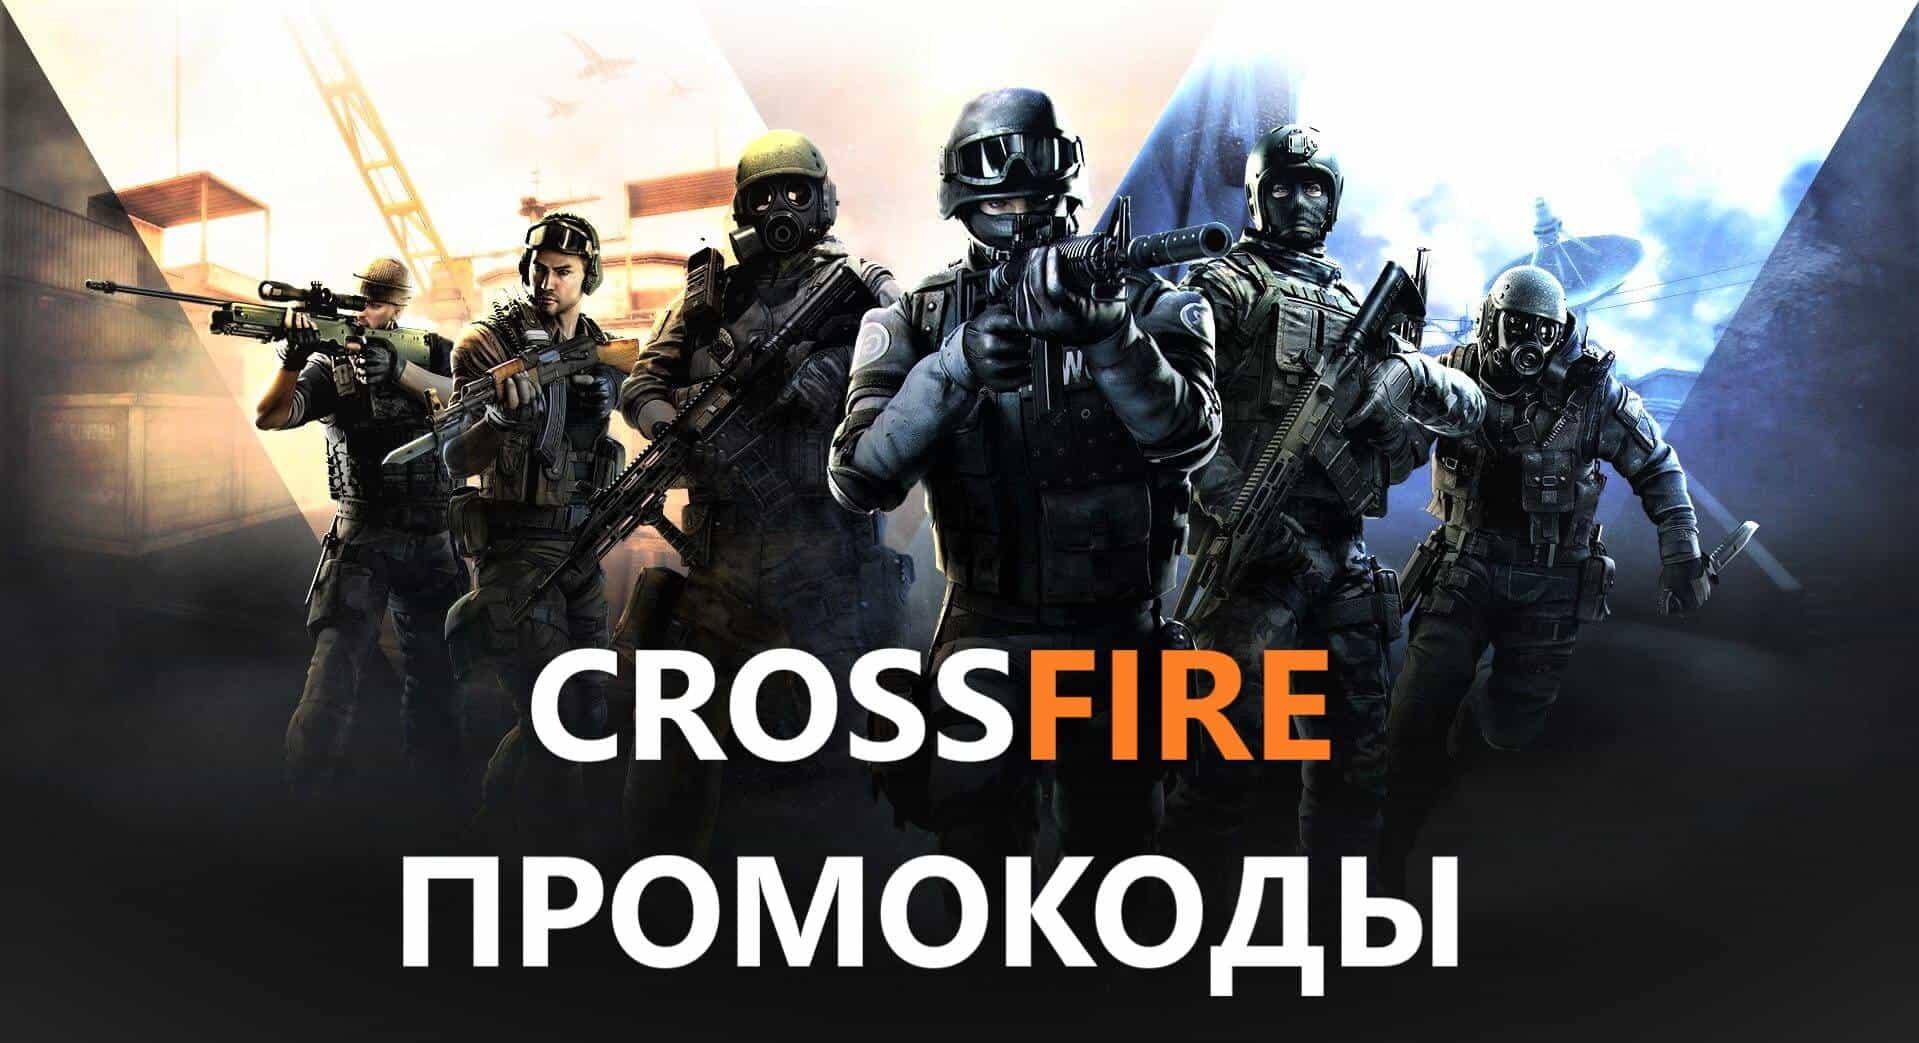 crossfire-promokod